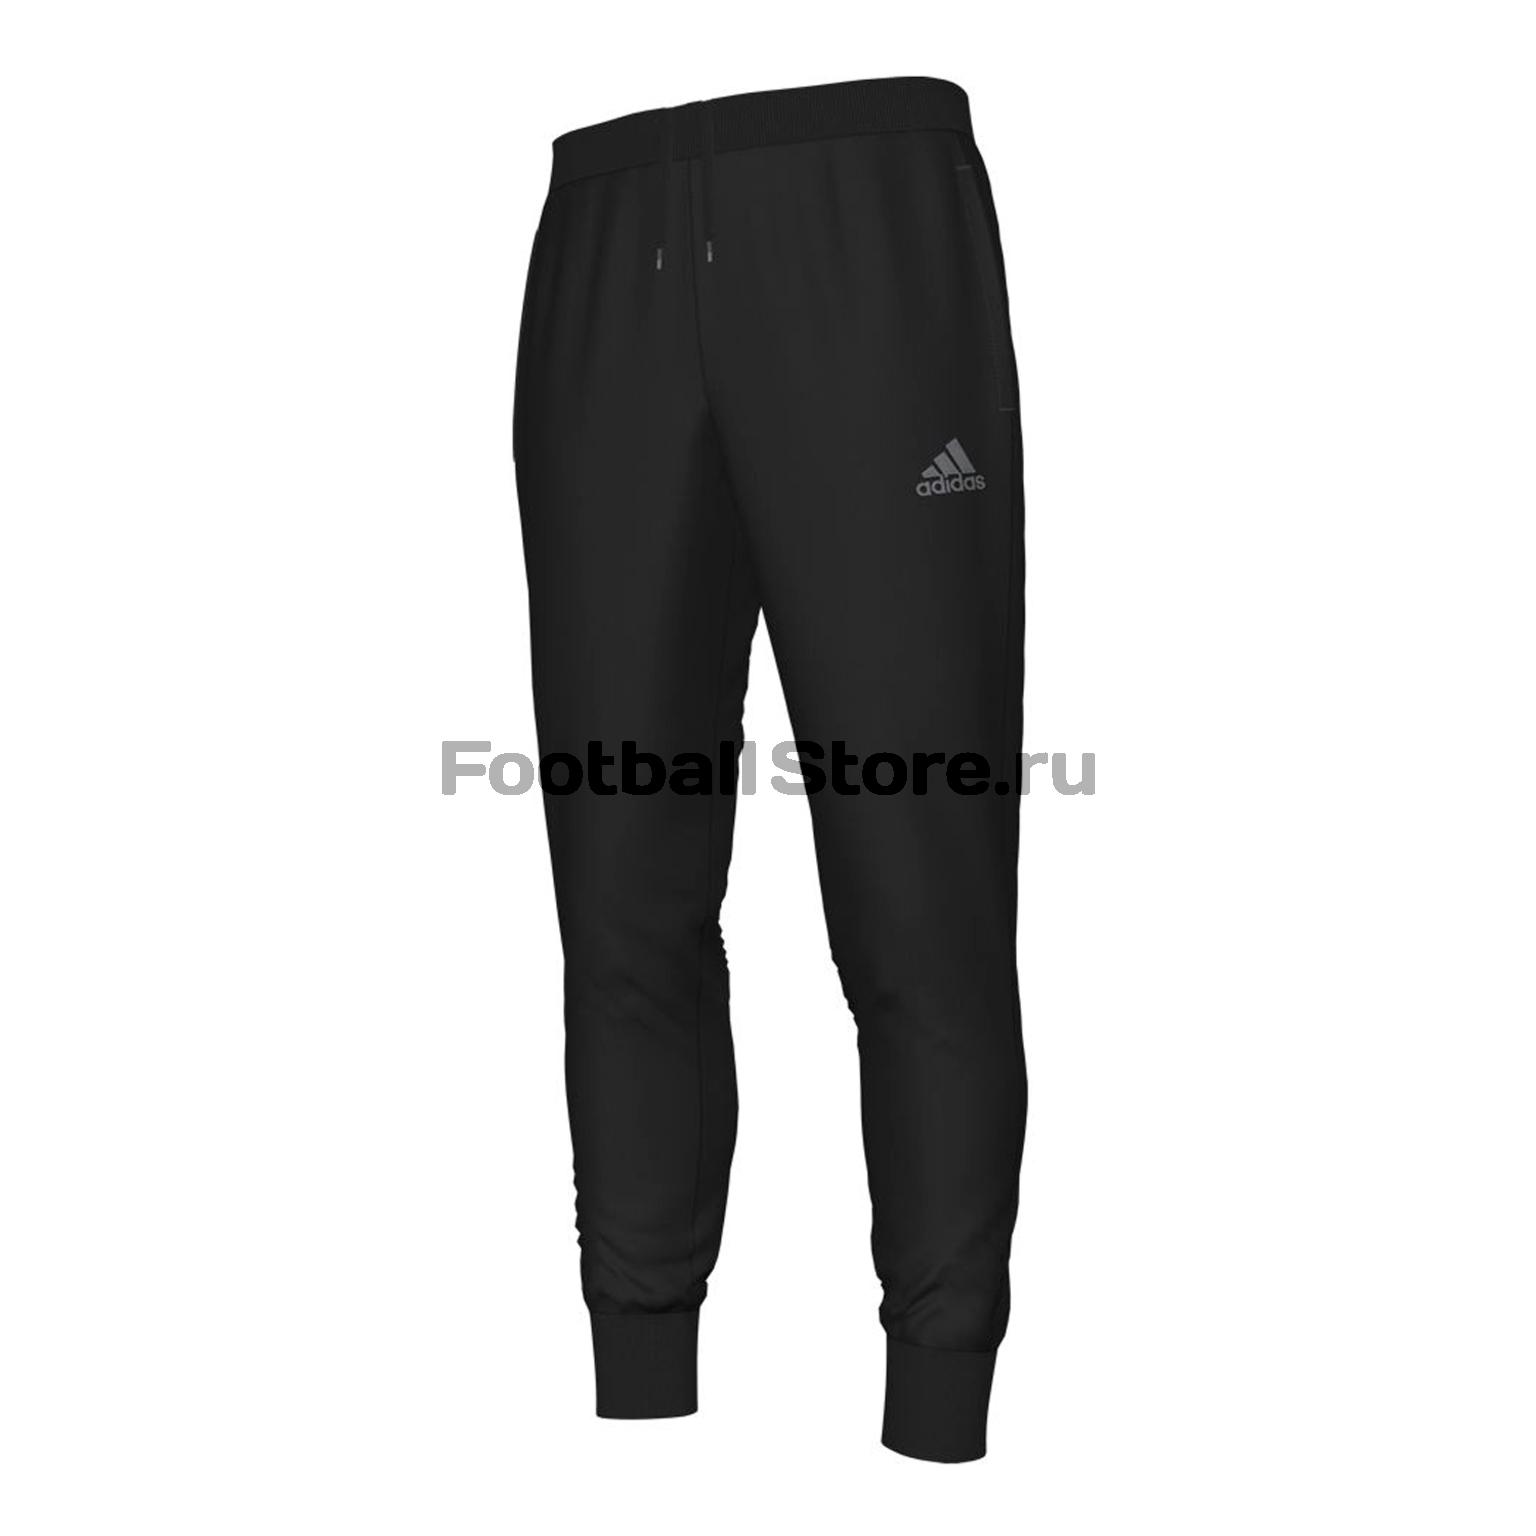 Брюки Adidas Брюки тренировочные Con16 SWT PNT AN9894 adidas брюки mufc eu swt pnt